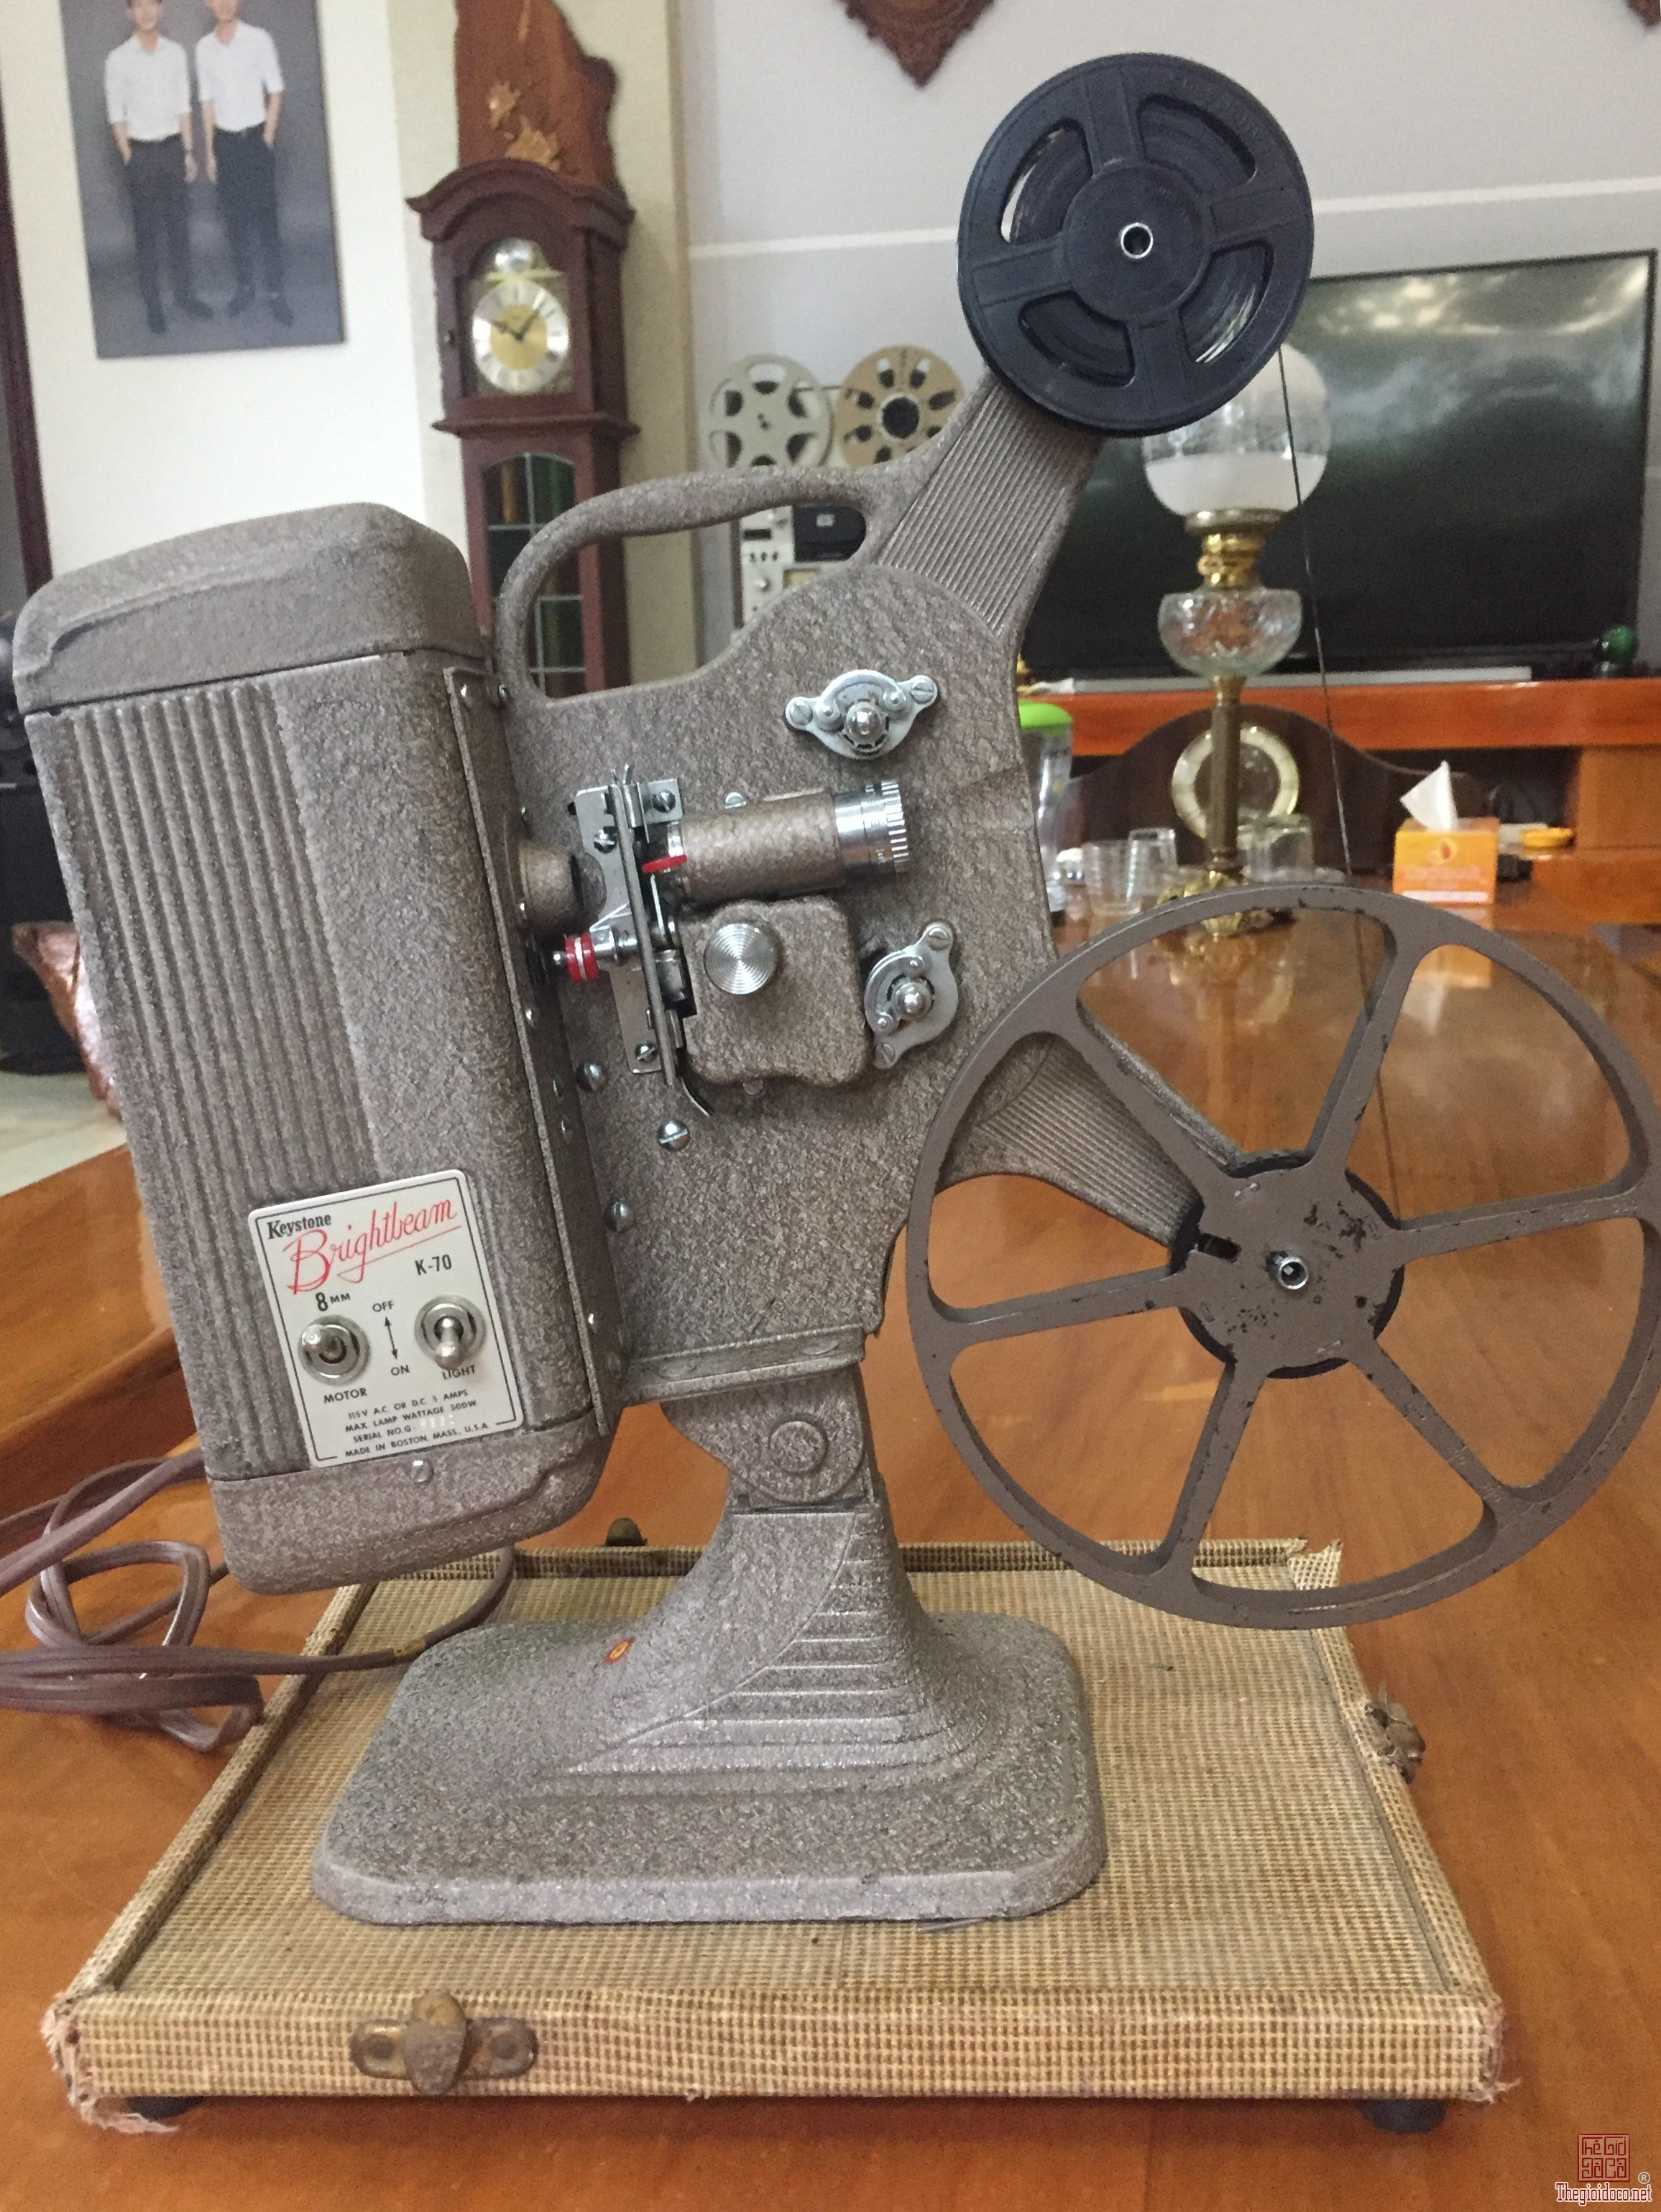 Máy chiếu phim cổ Mỹ 8mm sản xuất 1950, sử dụng tốt, nguyên thùng gỗ bọc da